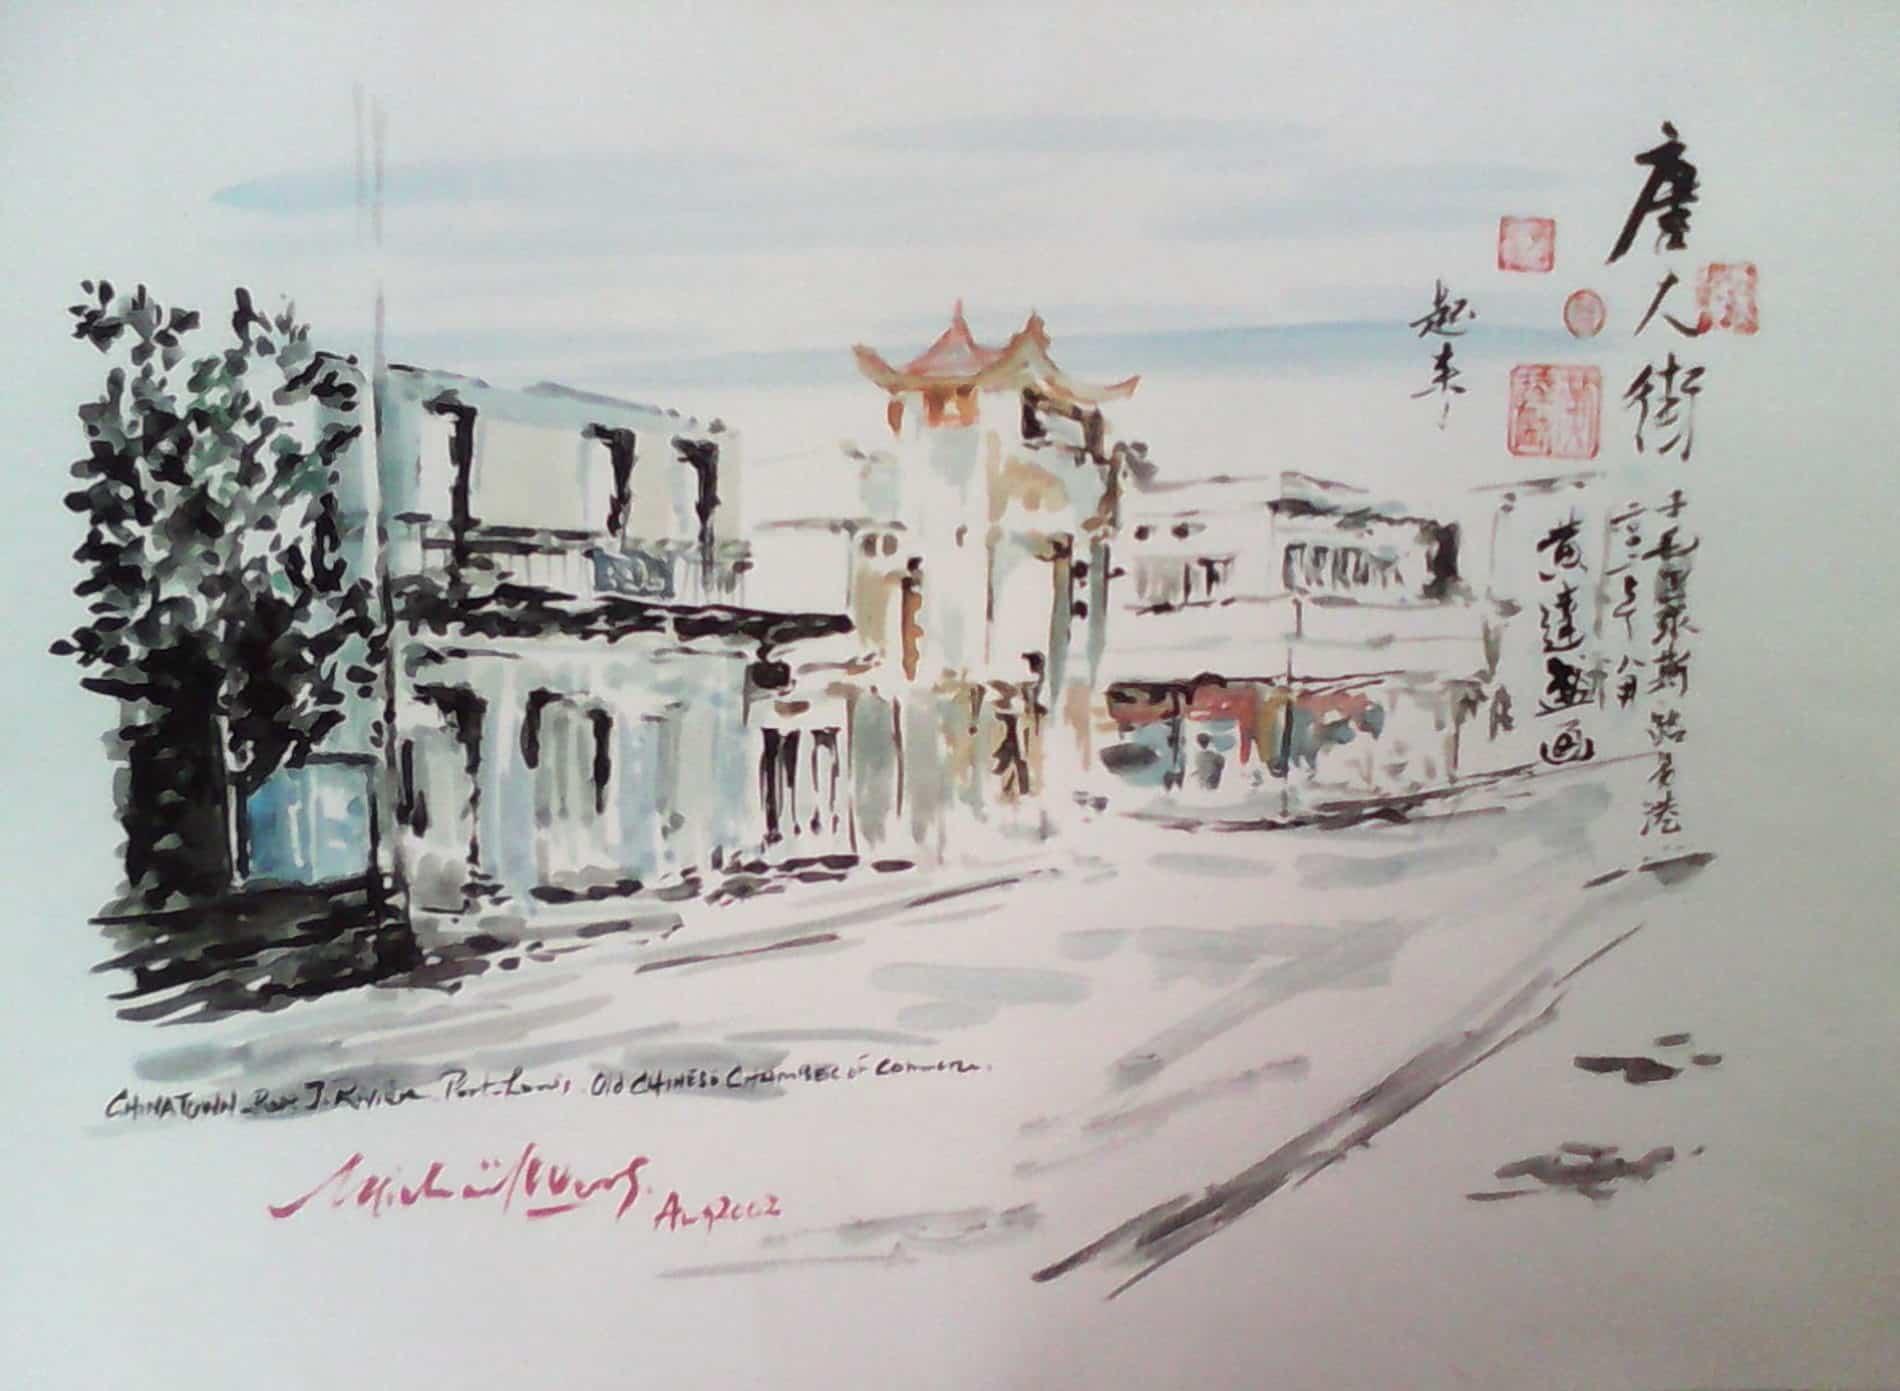 mauritius-arts-mikael-huang-4